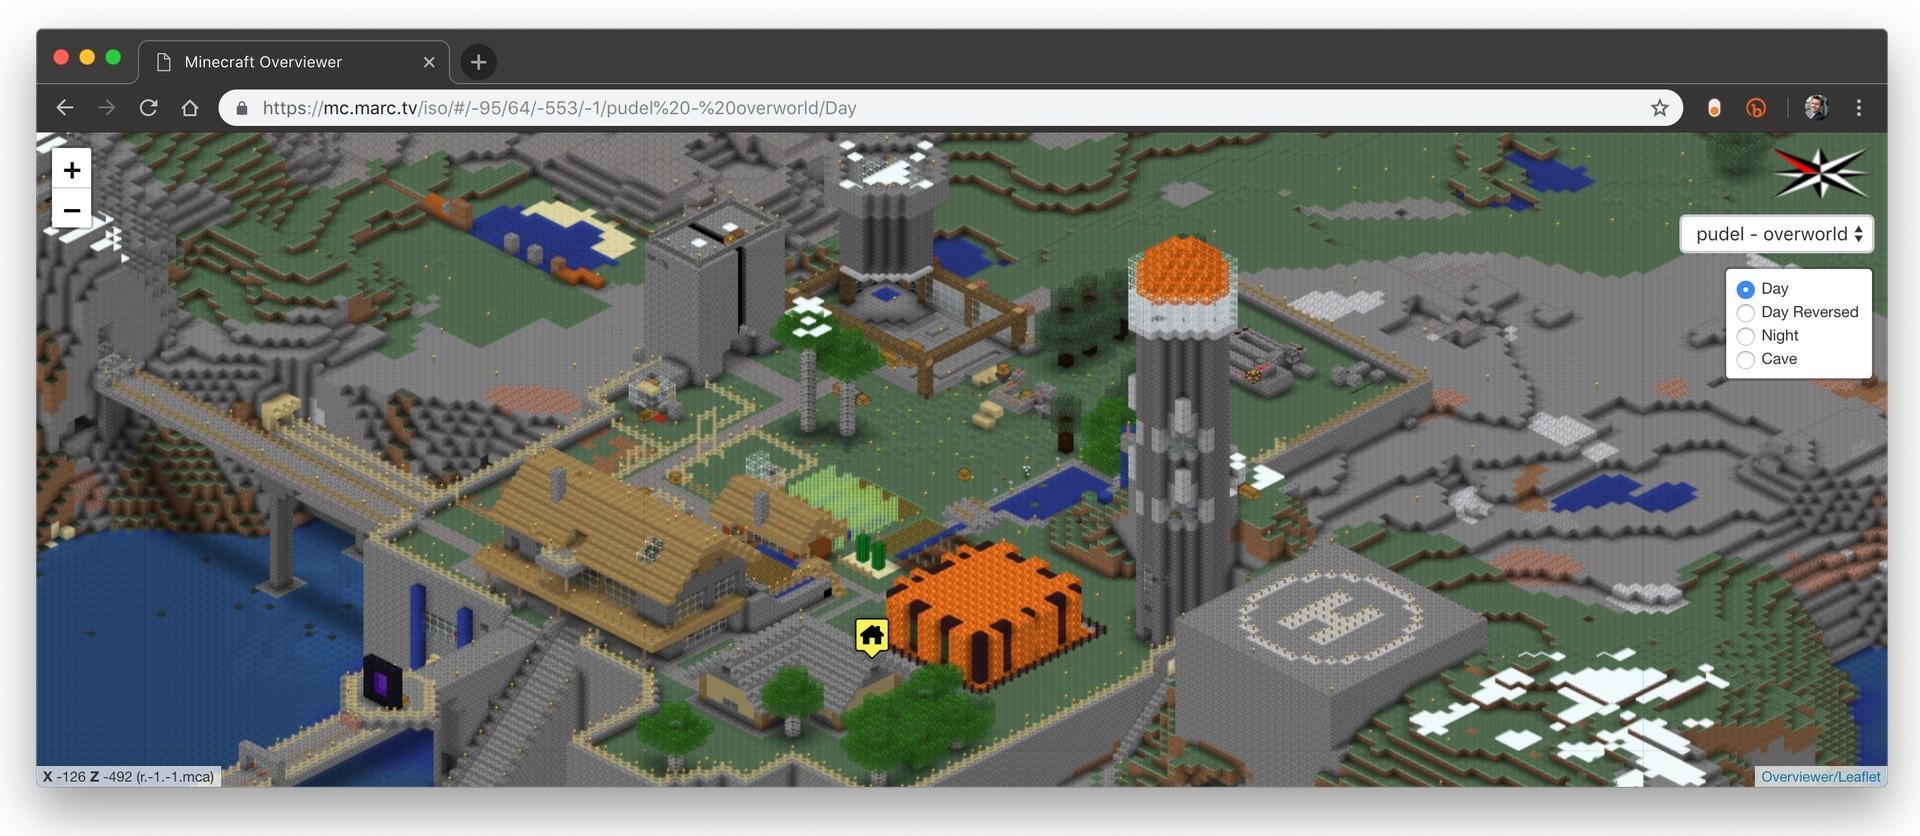 Isometrische Minecraft-Karte mit Overviewer generiert